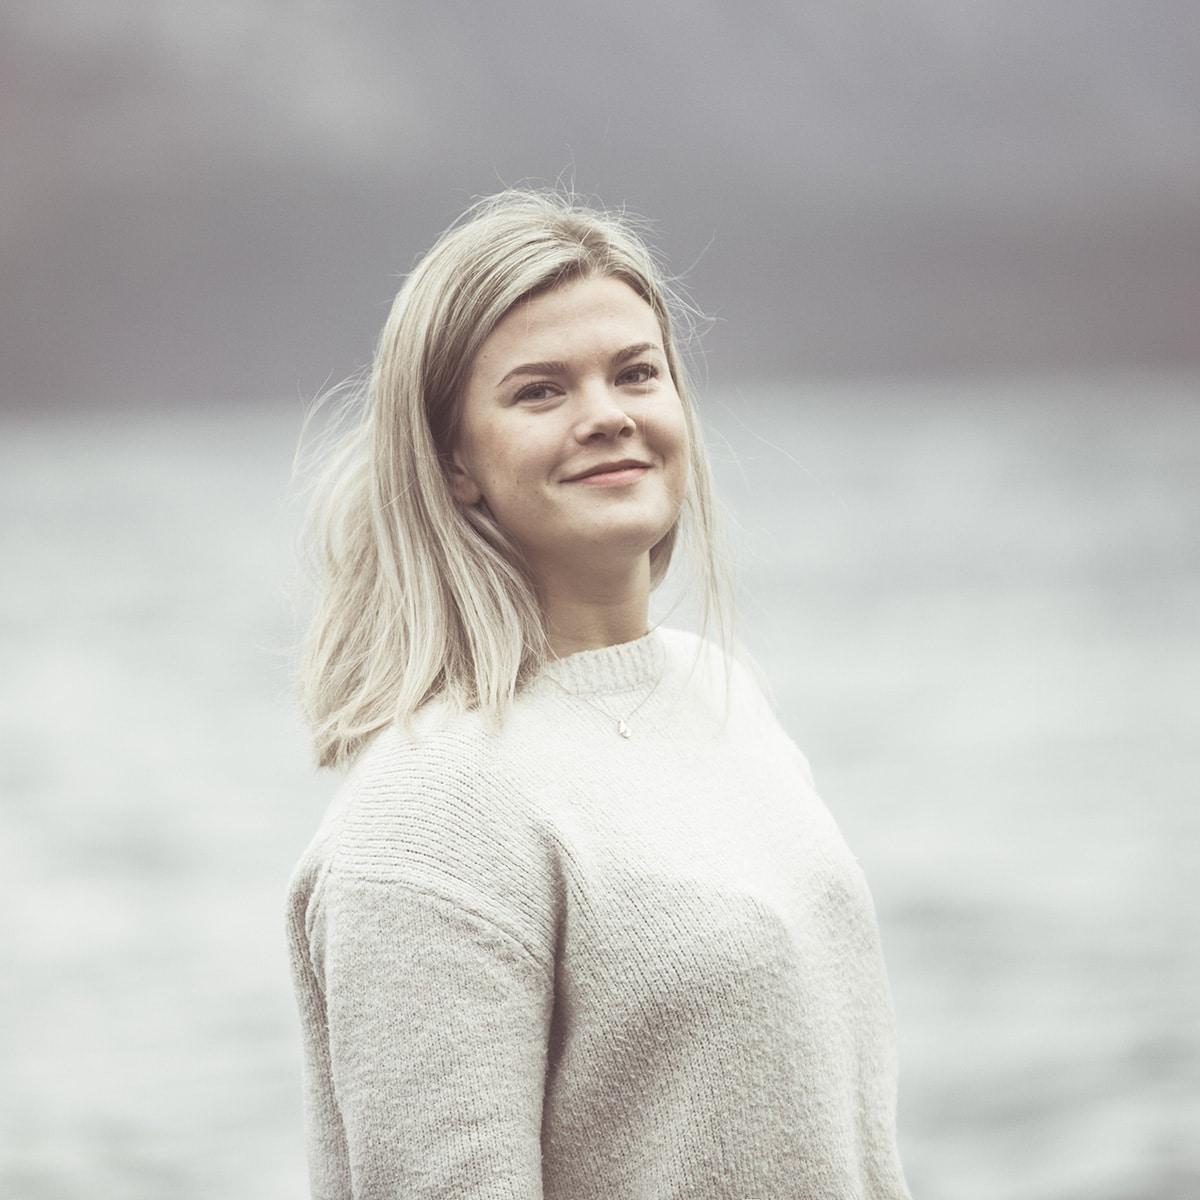 Trykkbølgebehandling Stavanger - Vaulen Kiropraktorklinikk